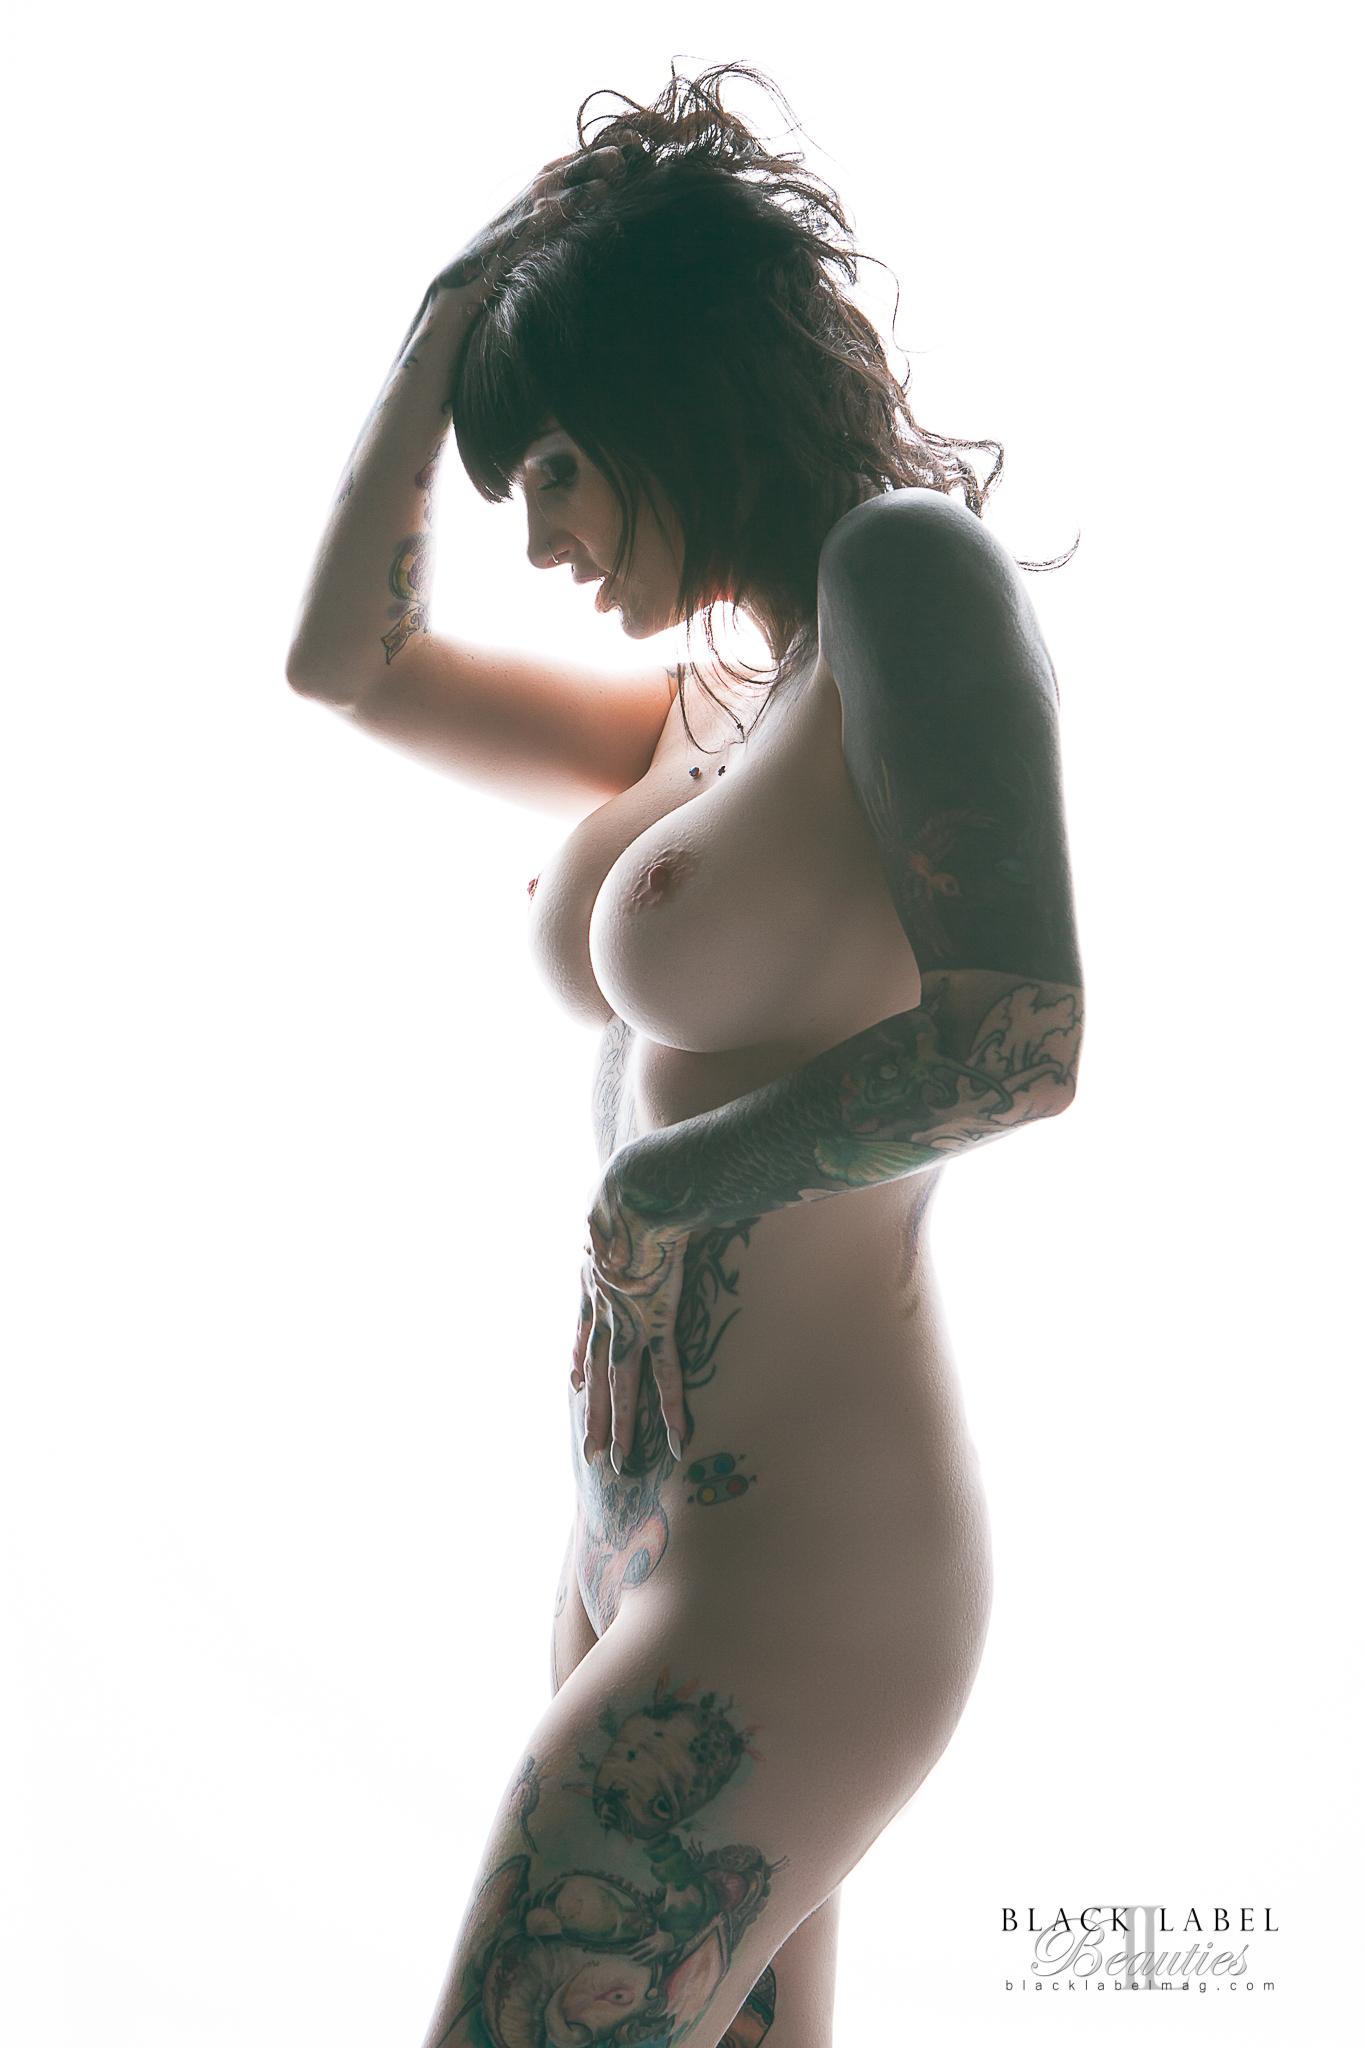 big tits, inked girls, nude inked women, naked tattoed girls, black label magazine